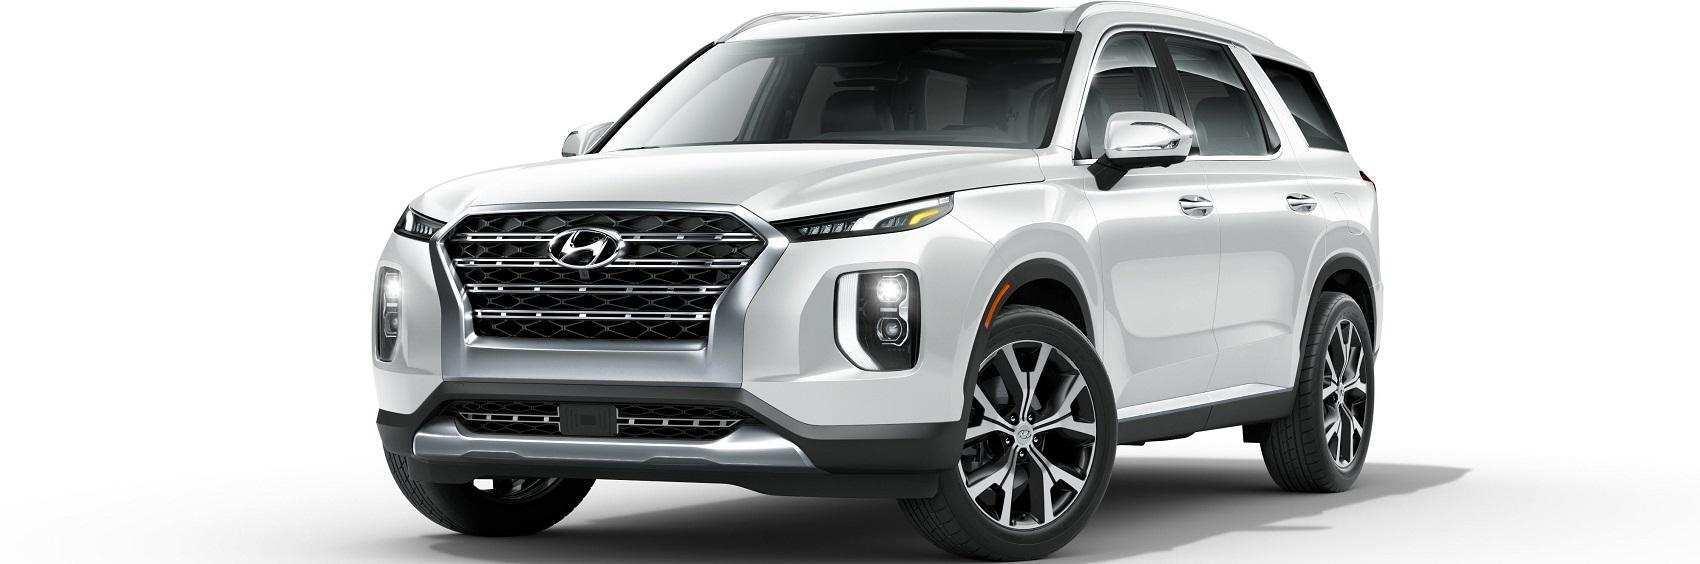 28 New Hyundai Palisade 2020 Interior Images with Hyundai Palisade 2020 Interior